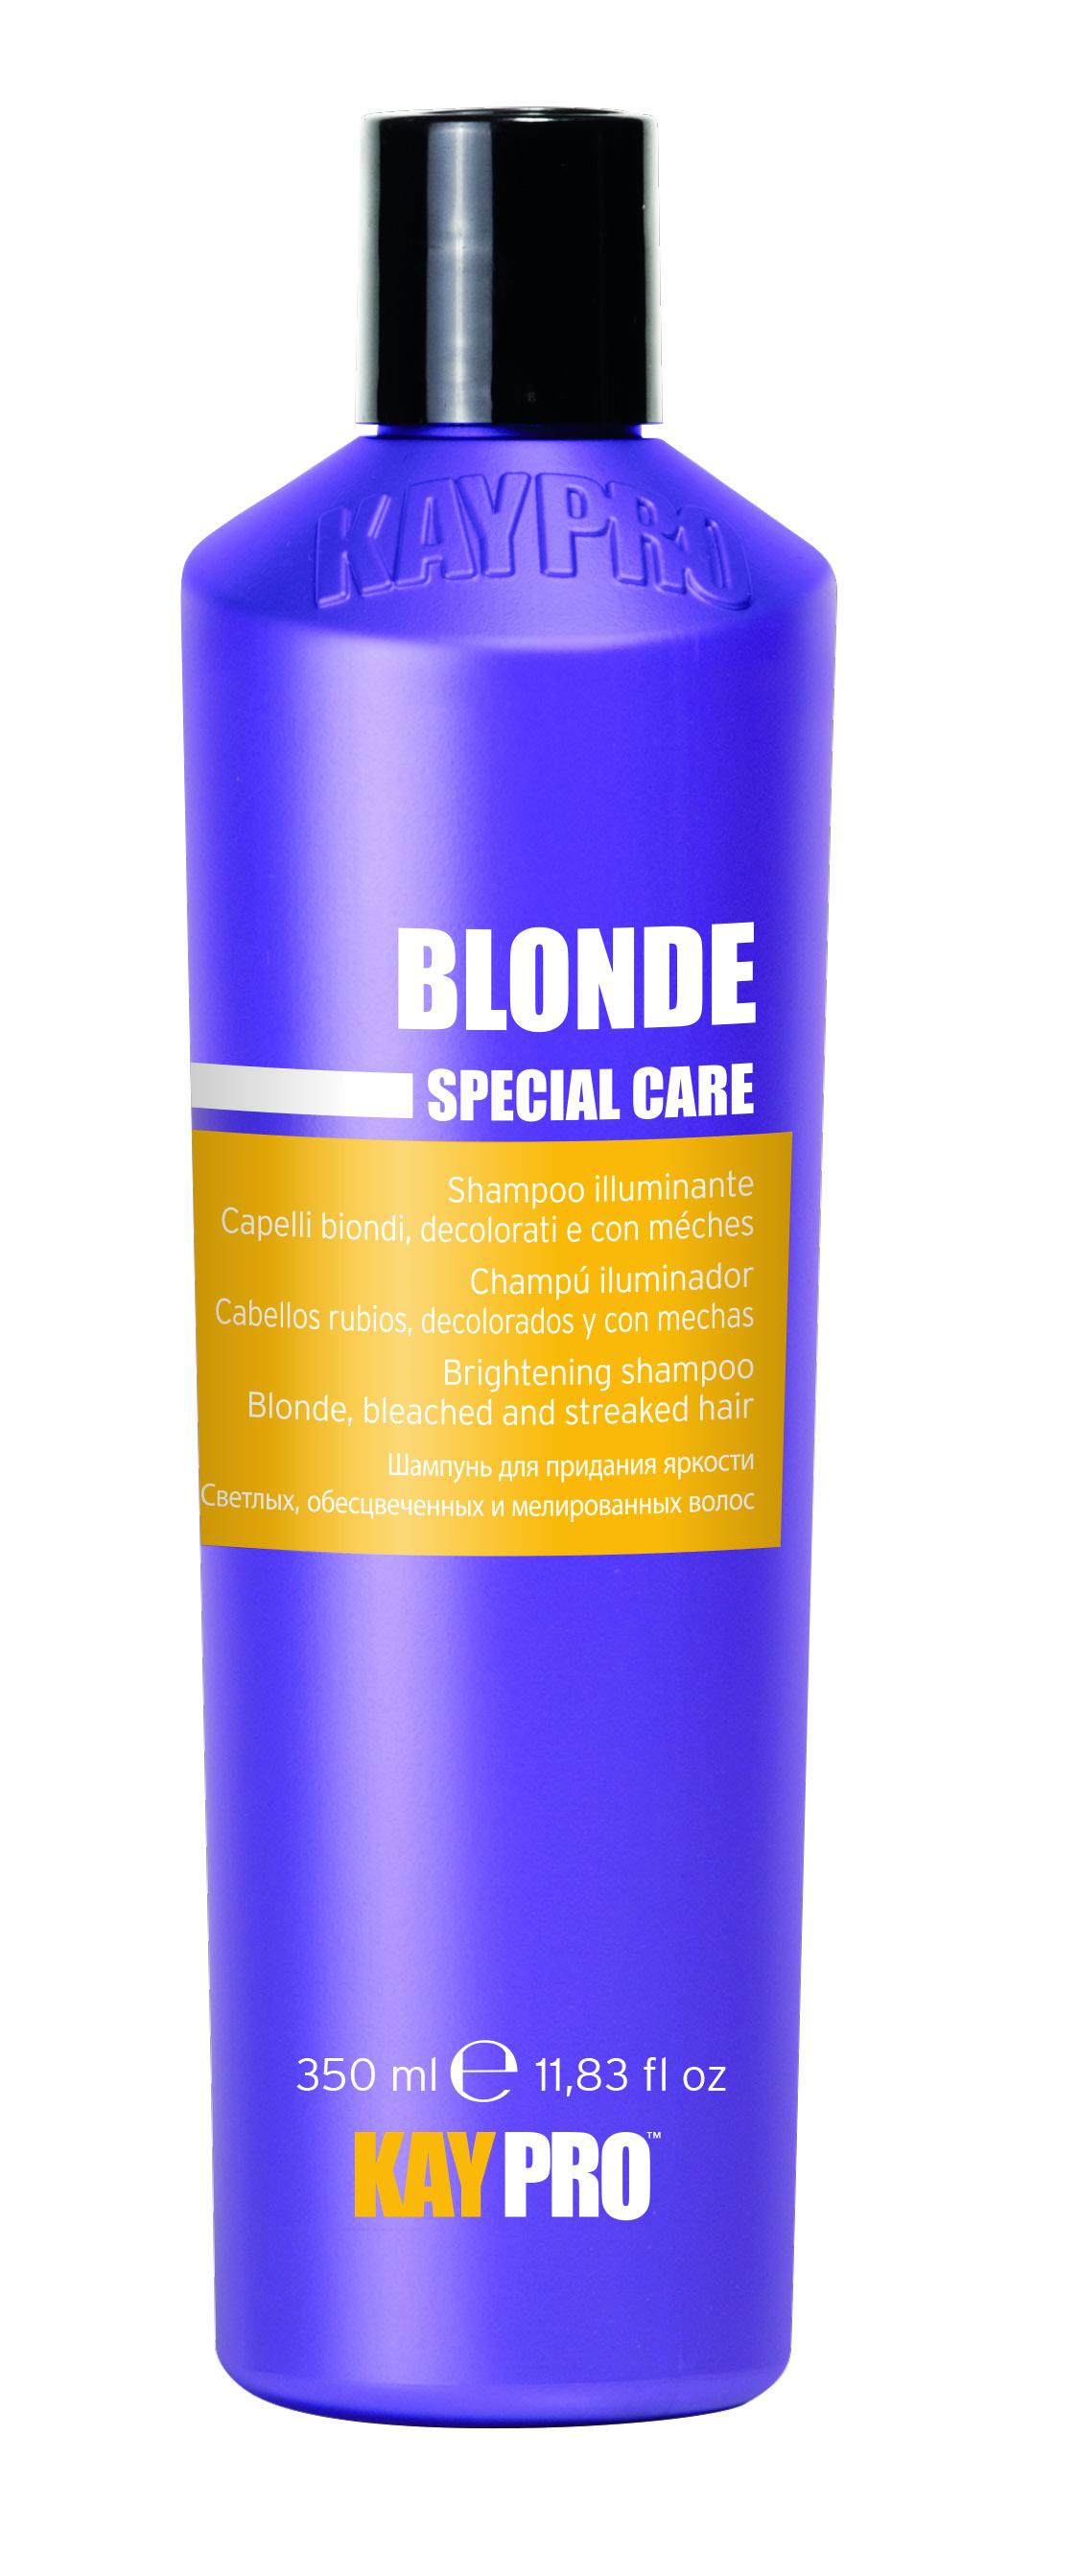 Купить KAYPRO Шампунь с сапфиром для придания яркости 350 мл, Блонд